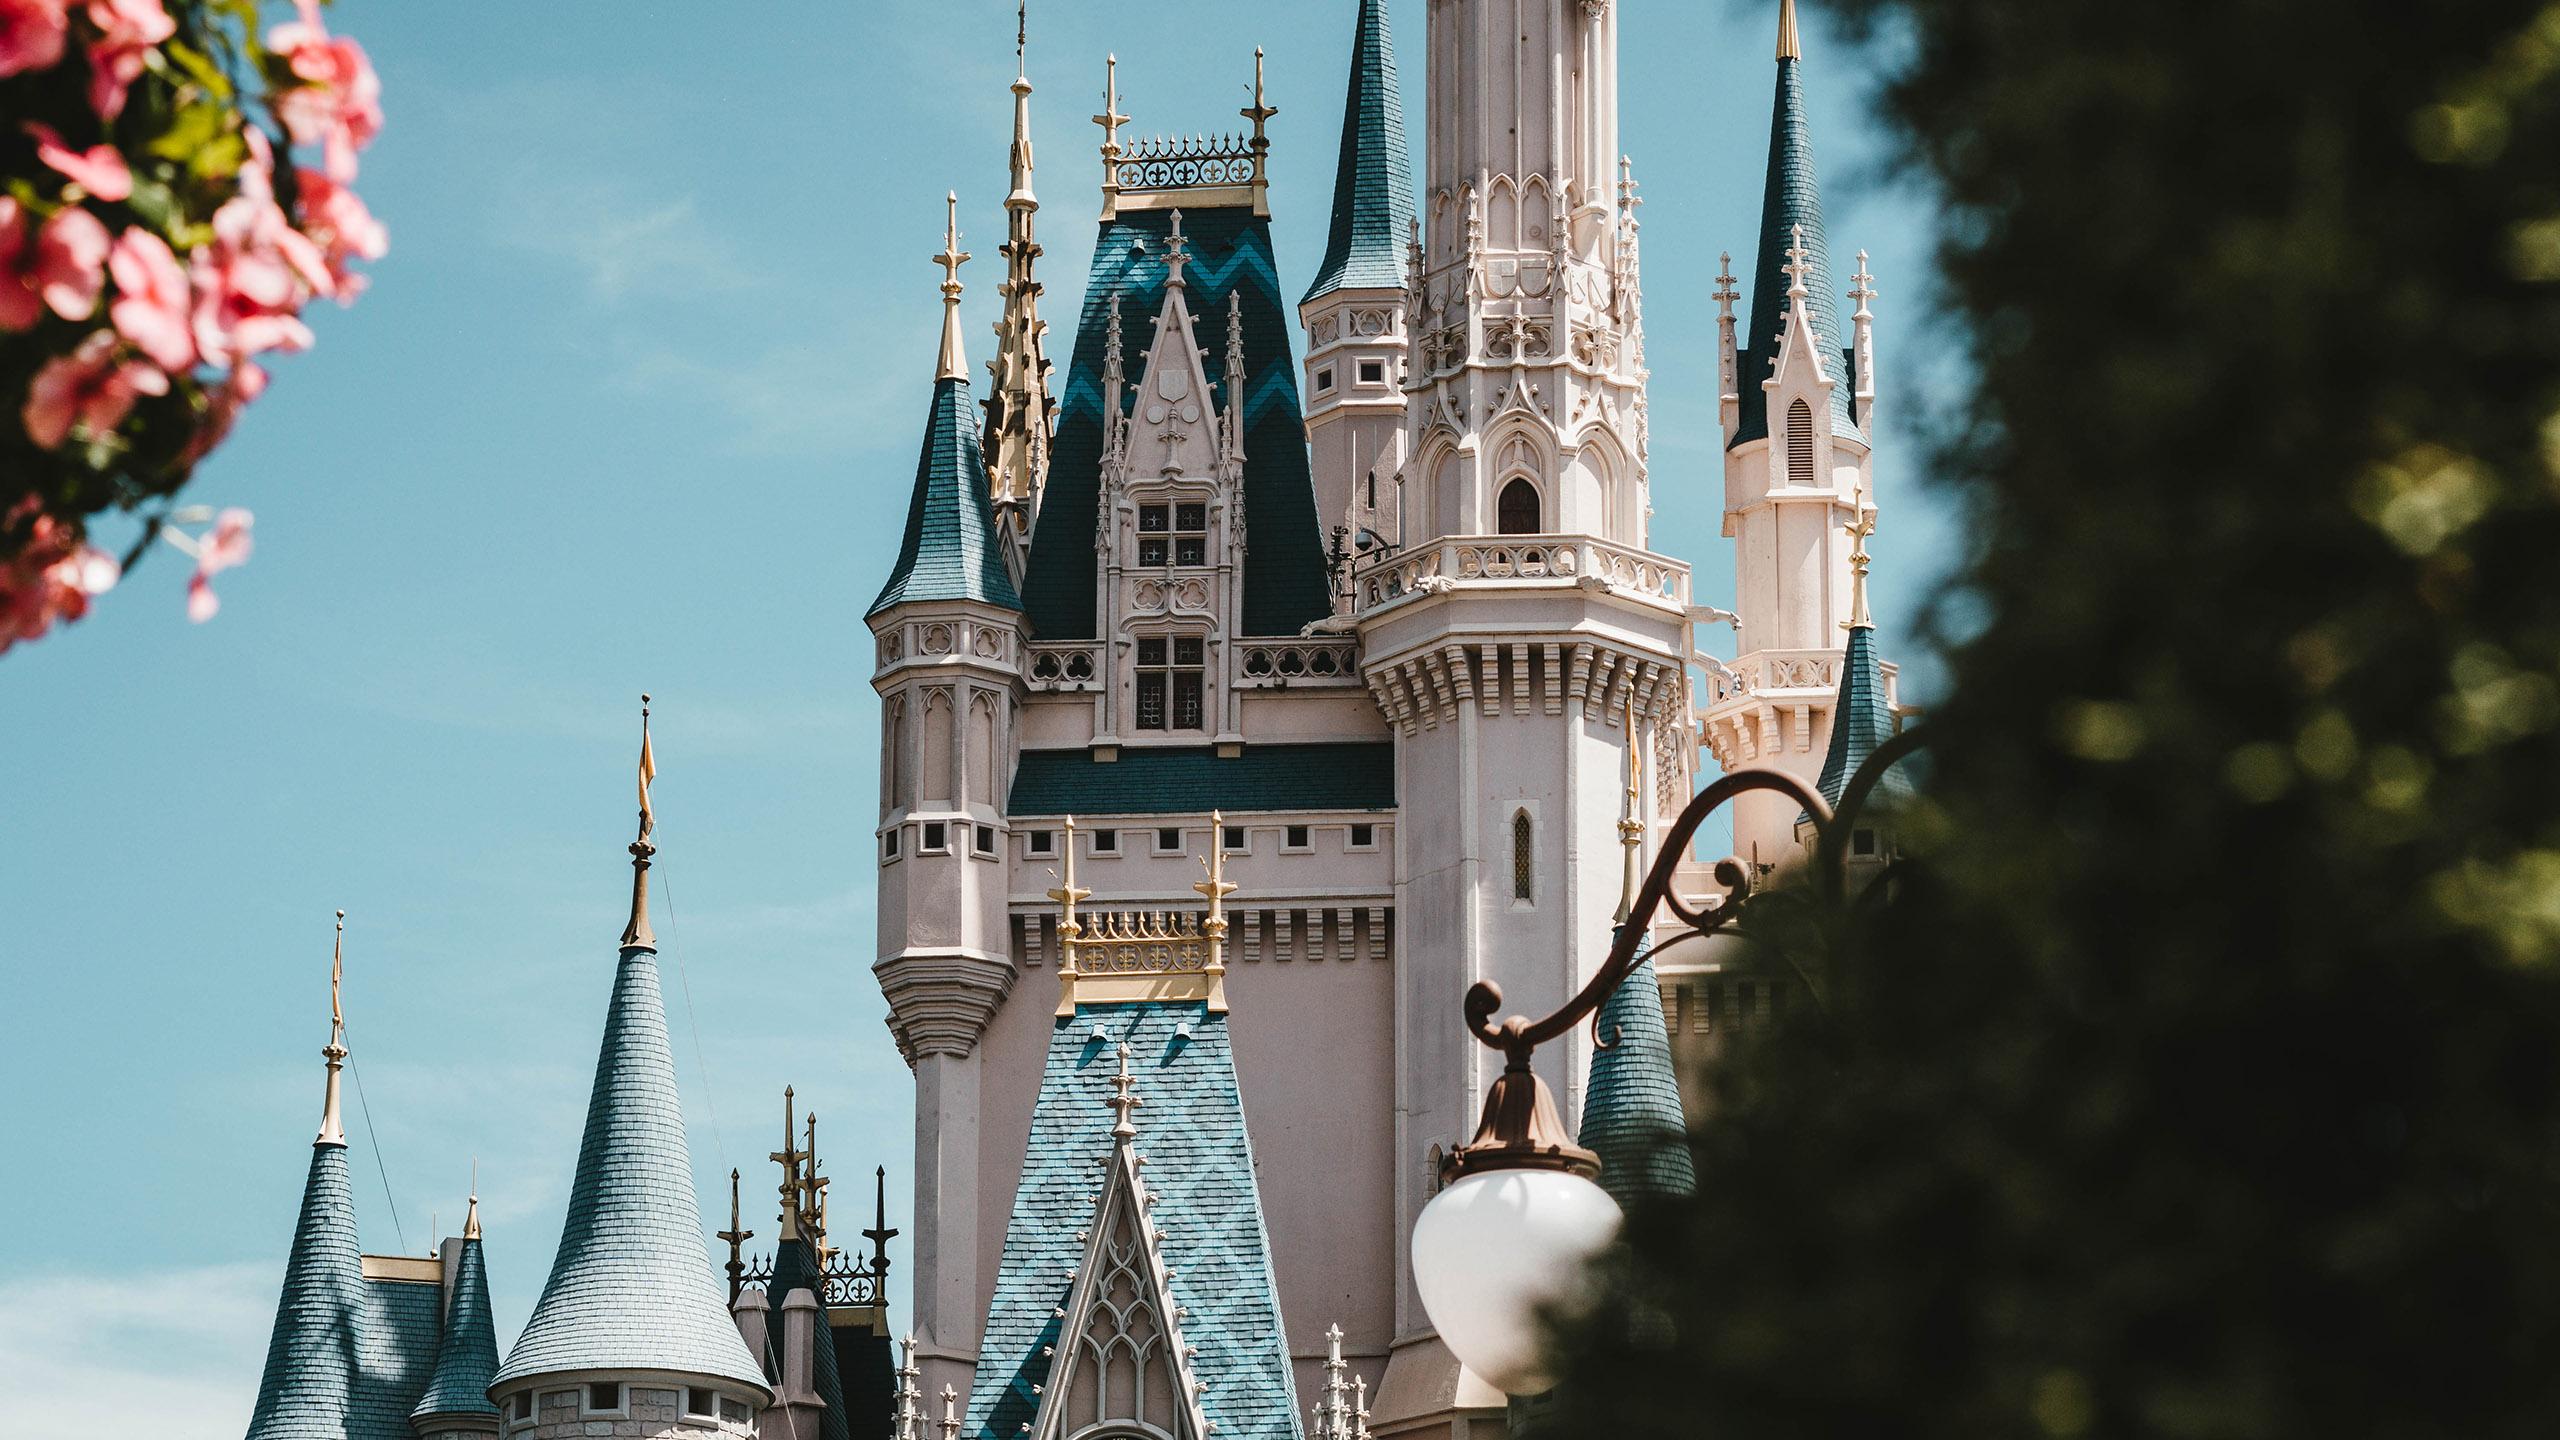 castillo, Disney